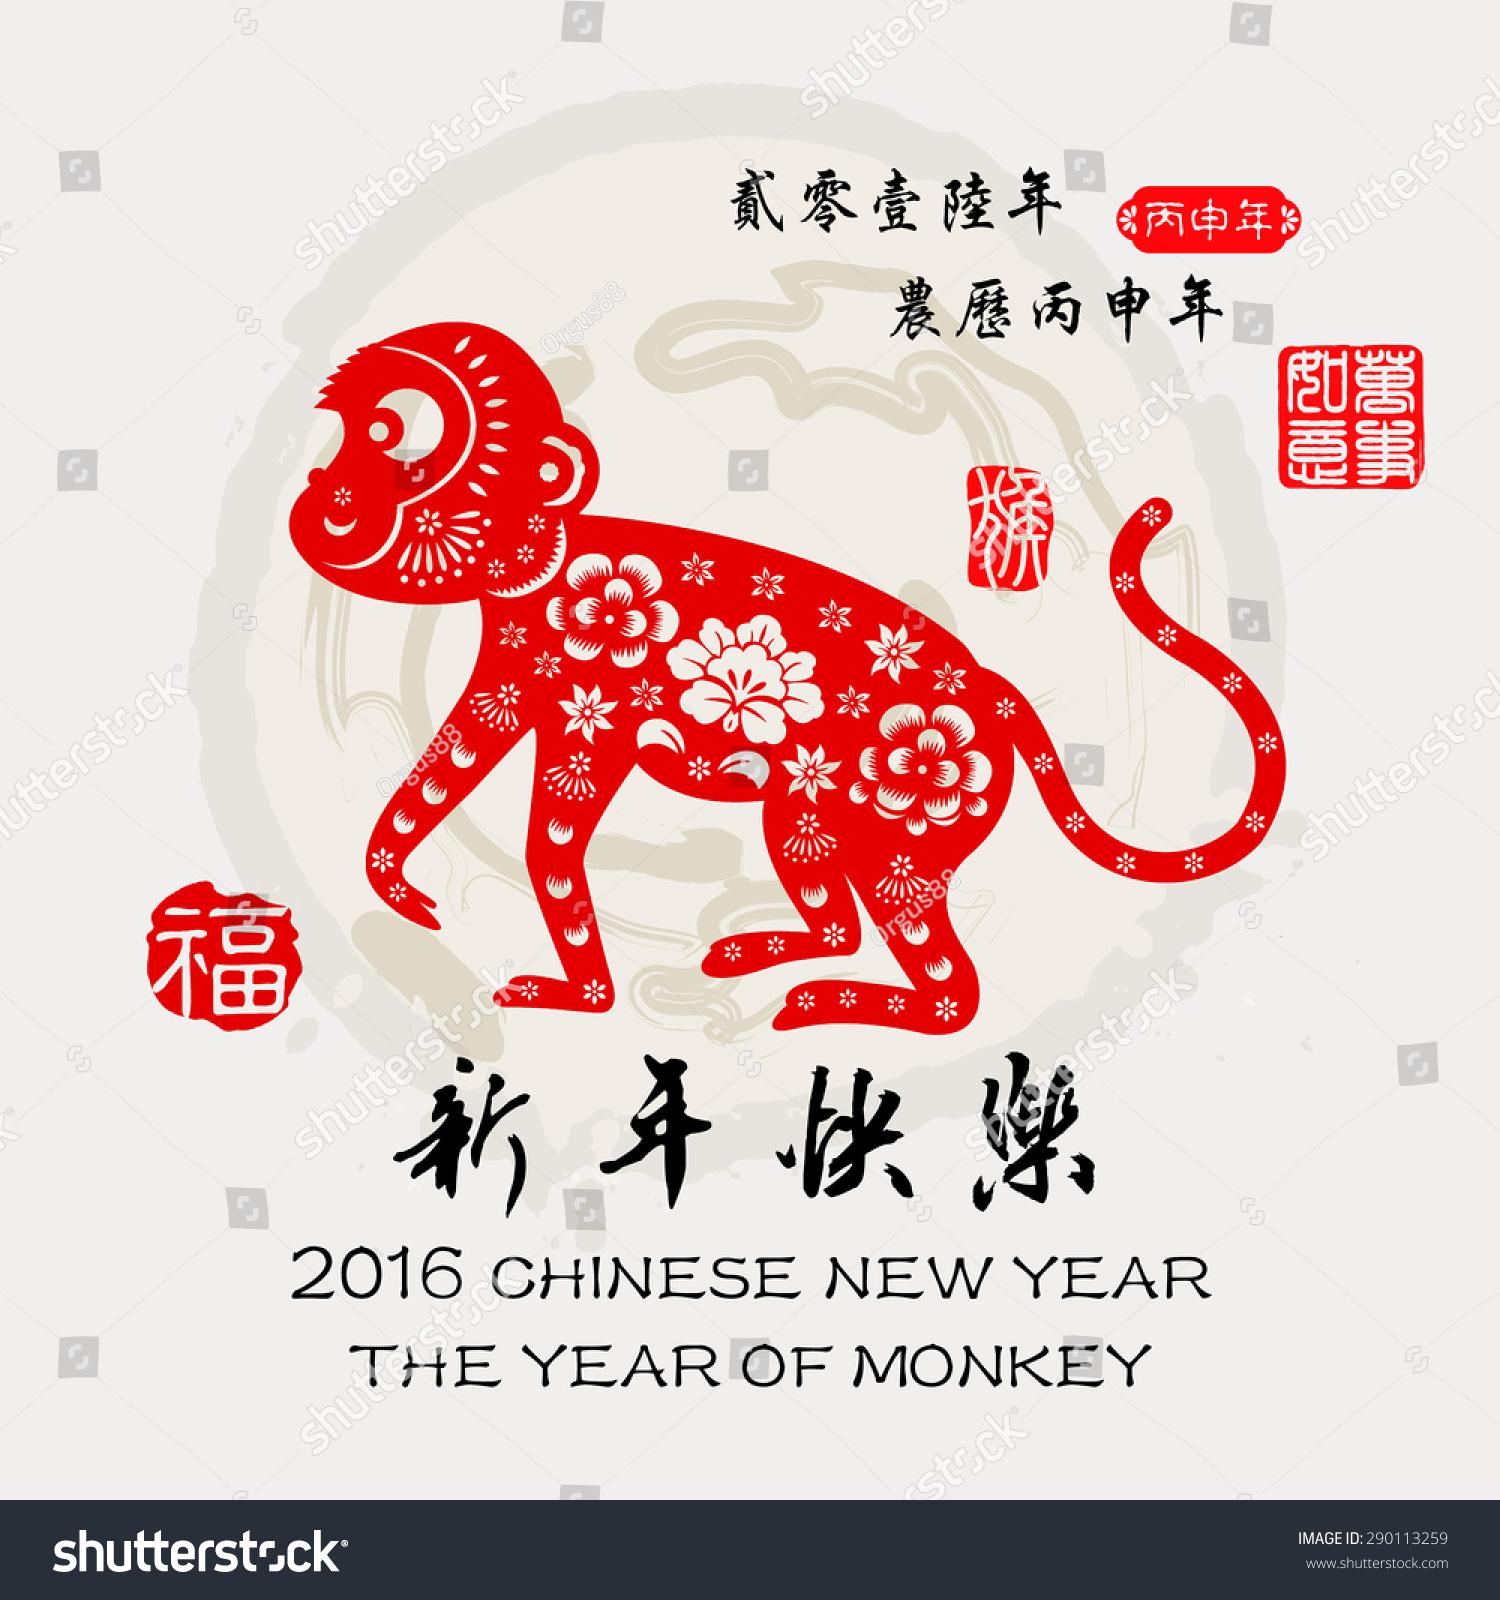 Китайское поздравление с новым годом обезьяны